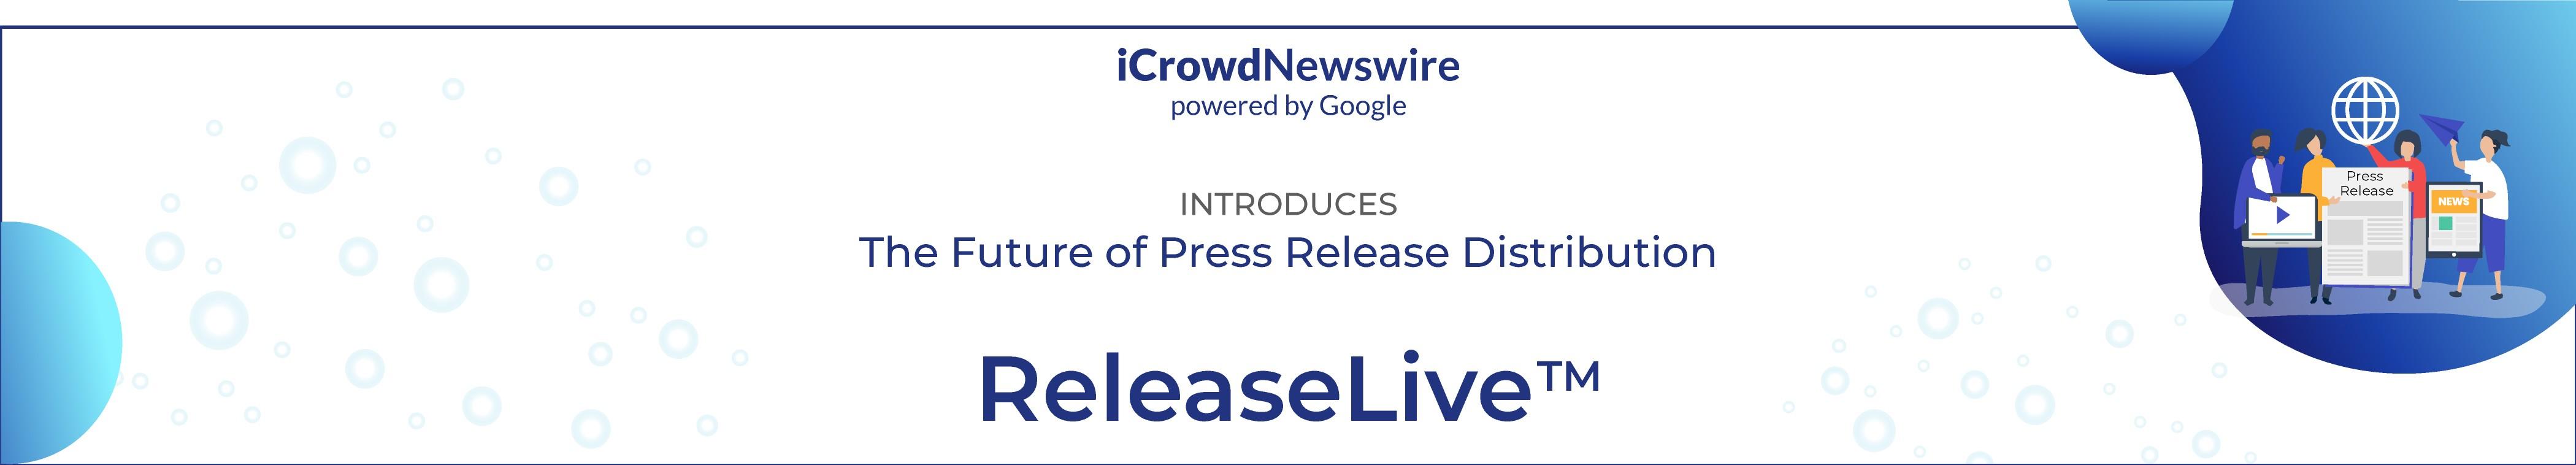 Icrowdnewswire Linkedin